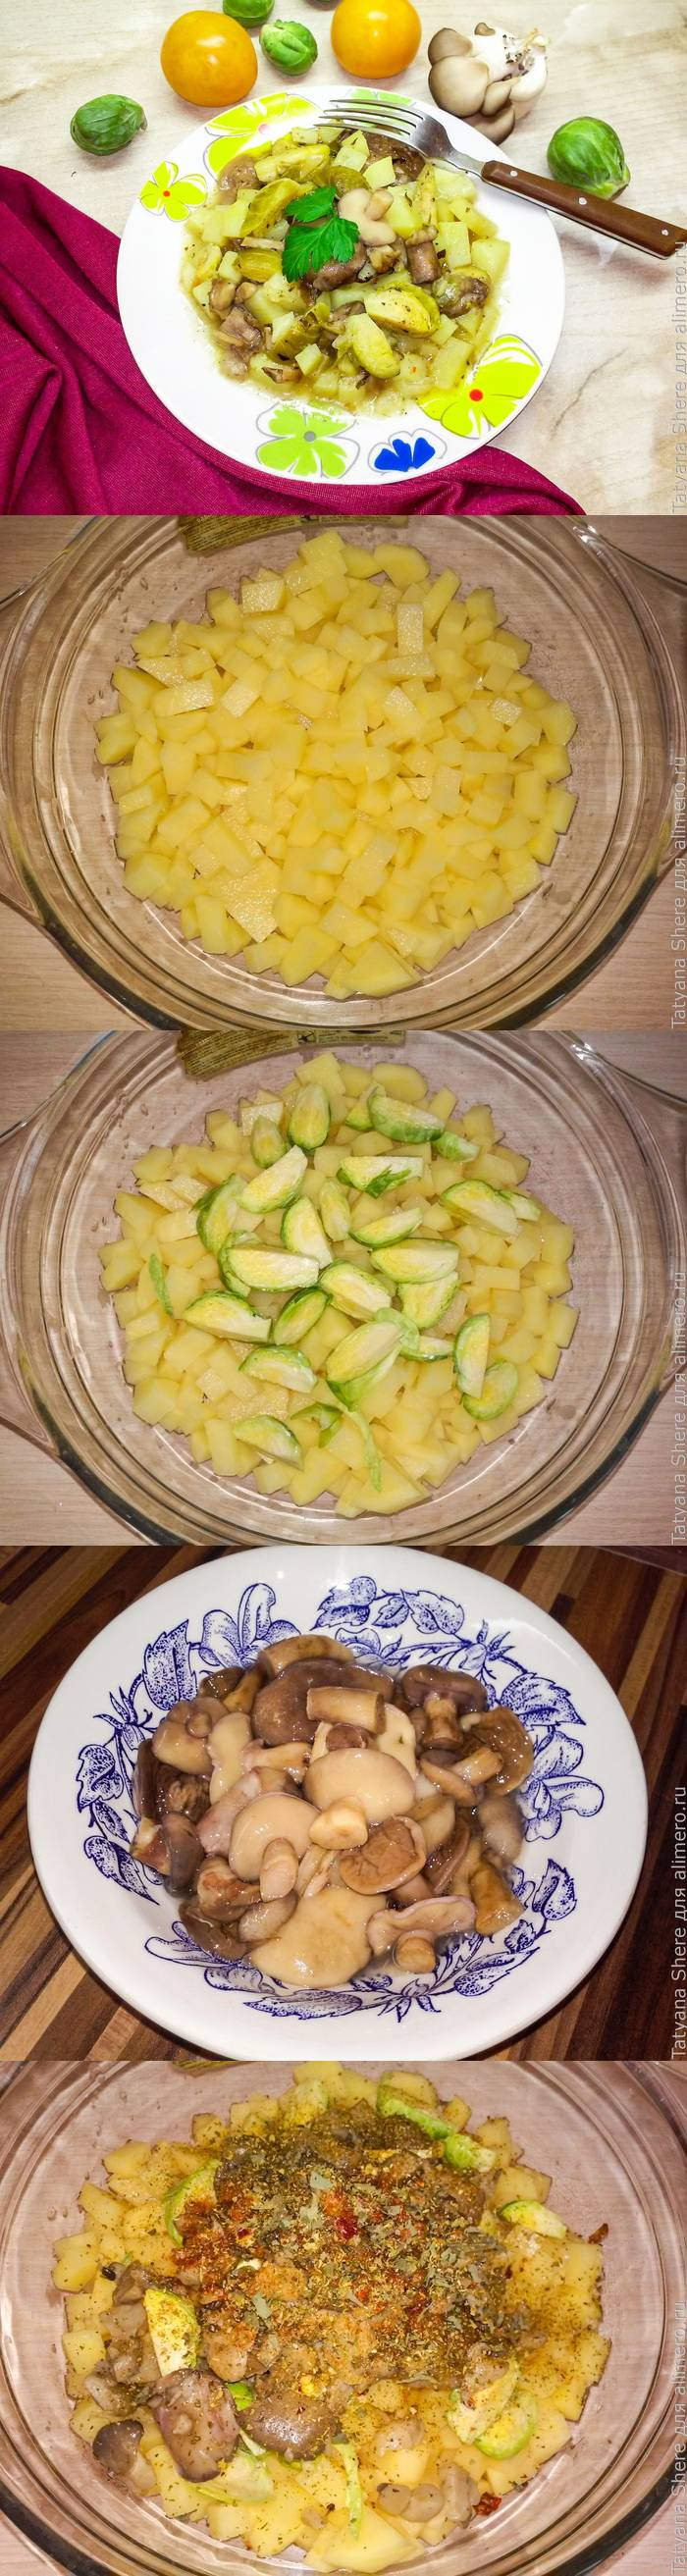 Рецепты из маслят пошагово